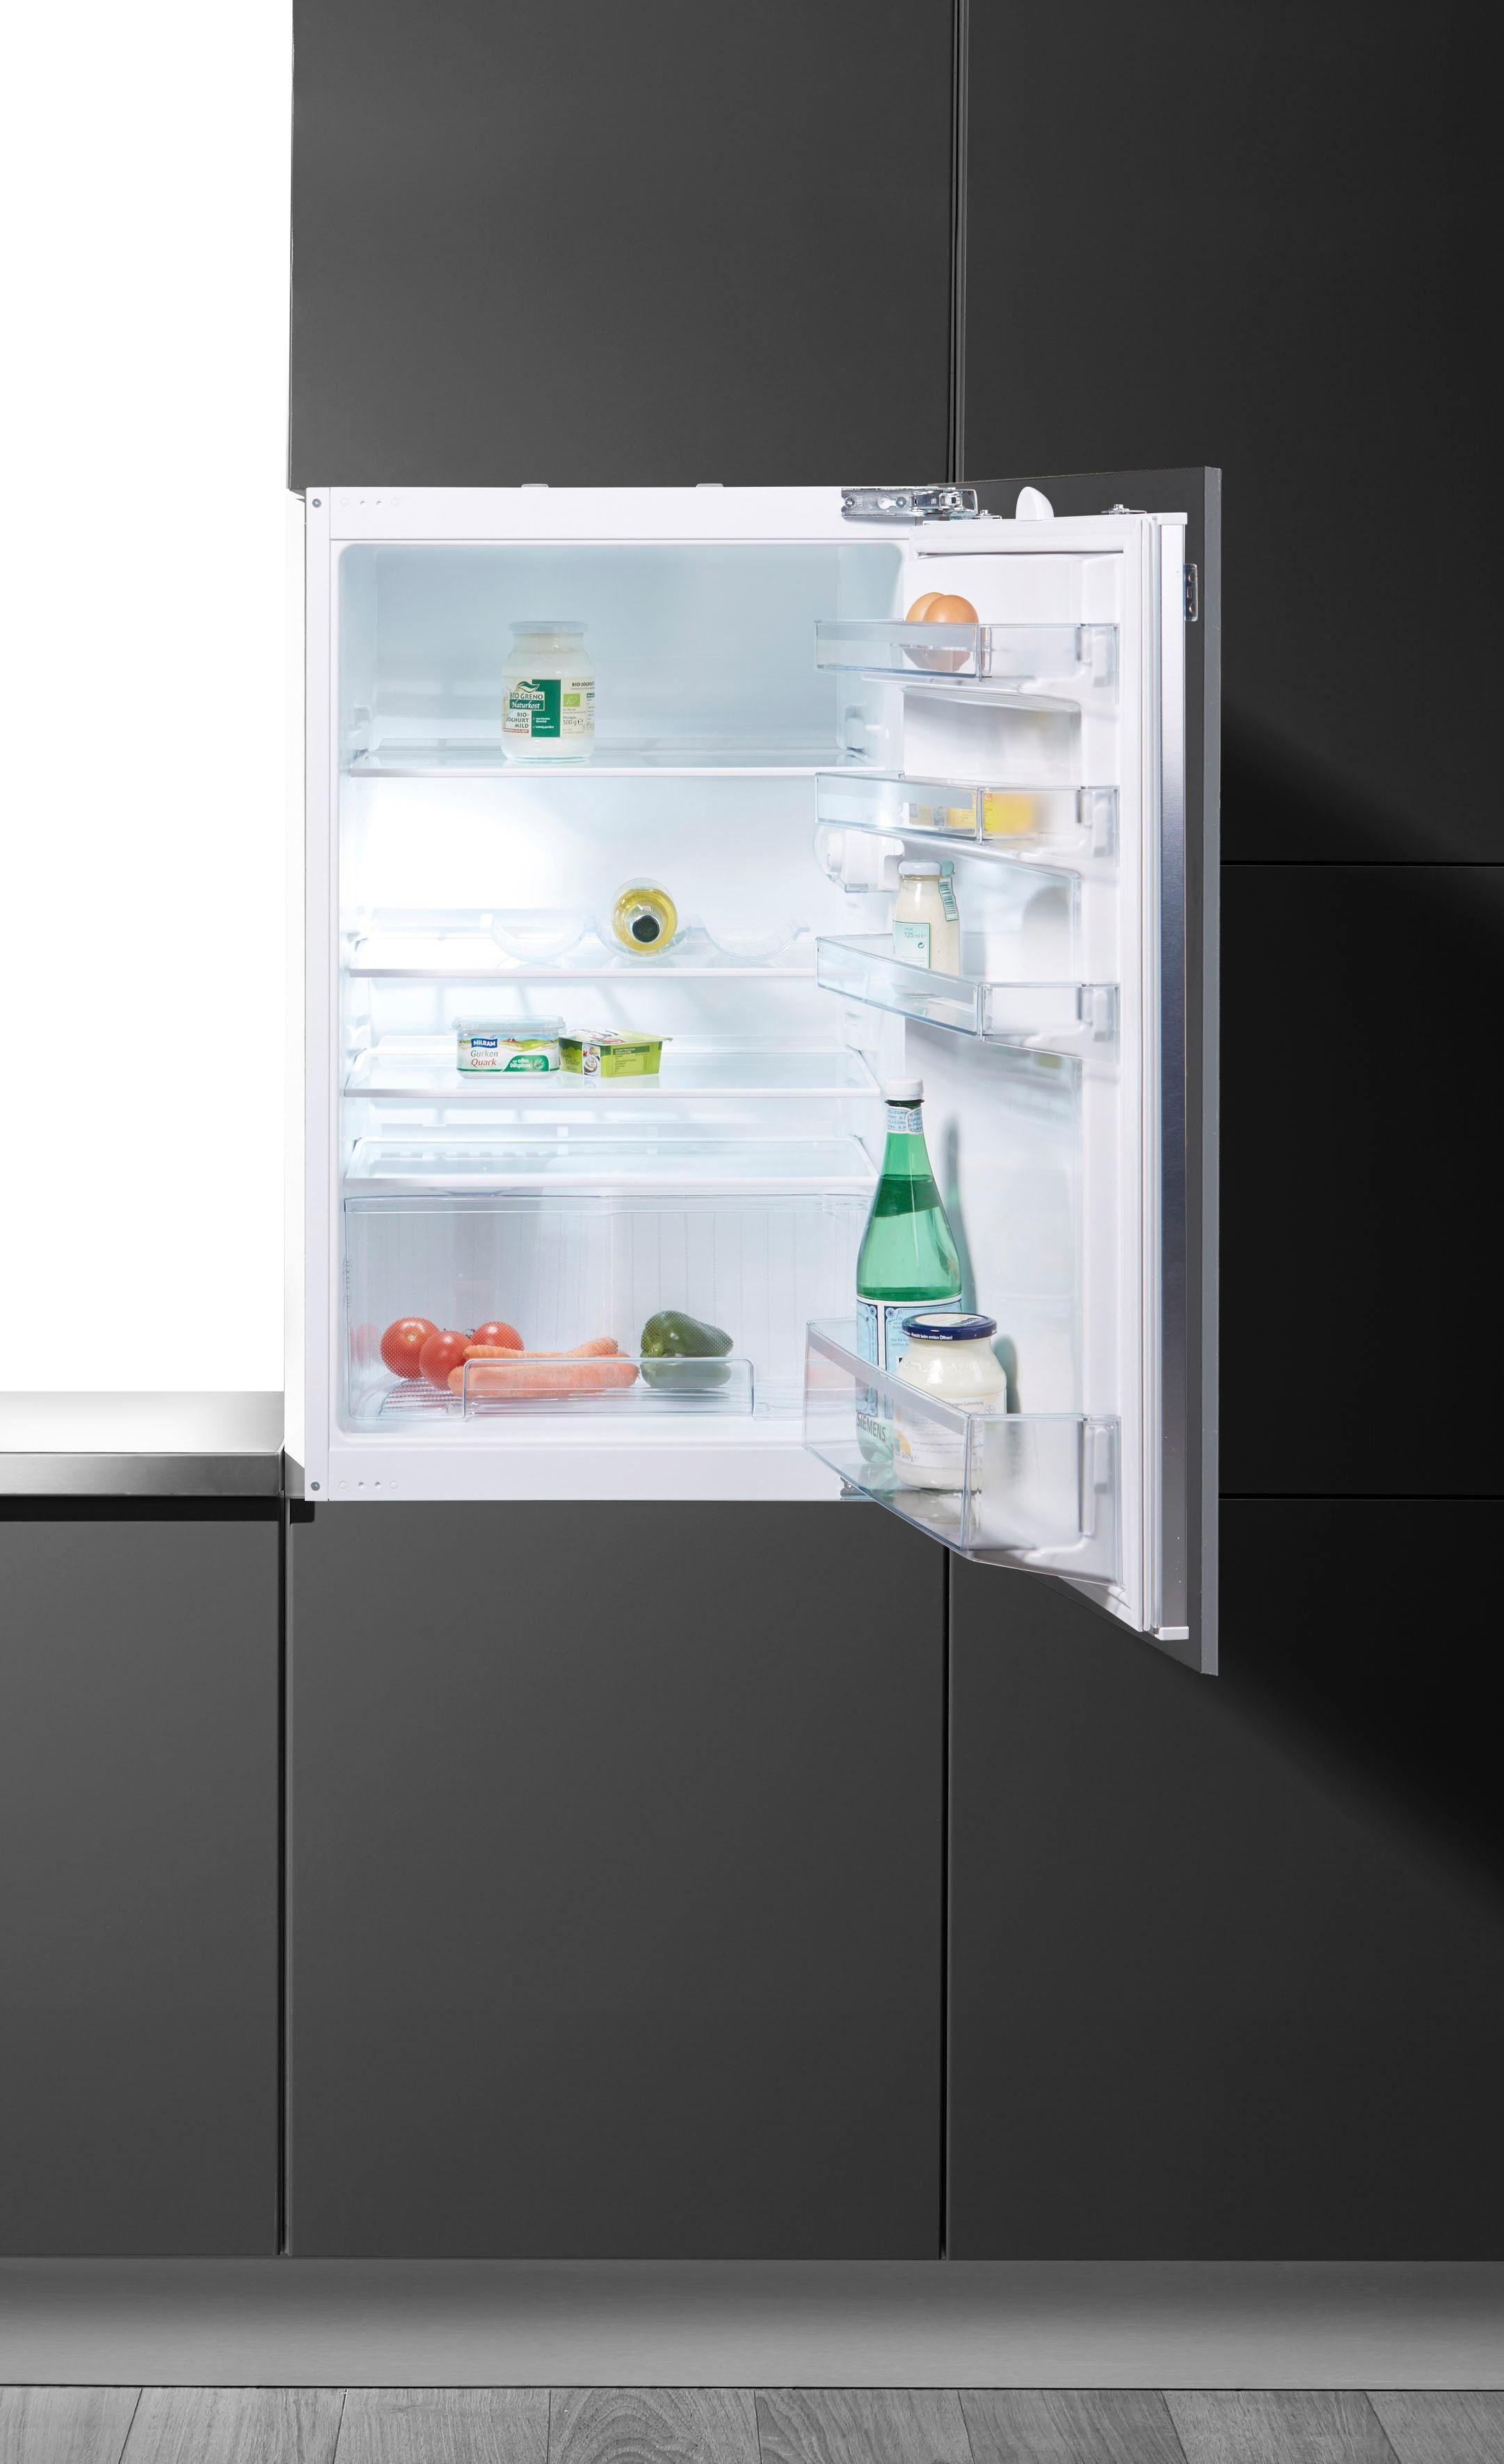 SIEMENS Einbaukühlschrank KI18RV62, 87,4 cm hoch, 54,1 cm breit, Energieklasse A++, 87,4 cm hoch